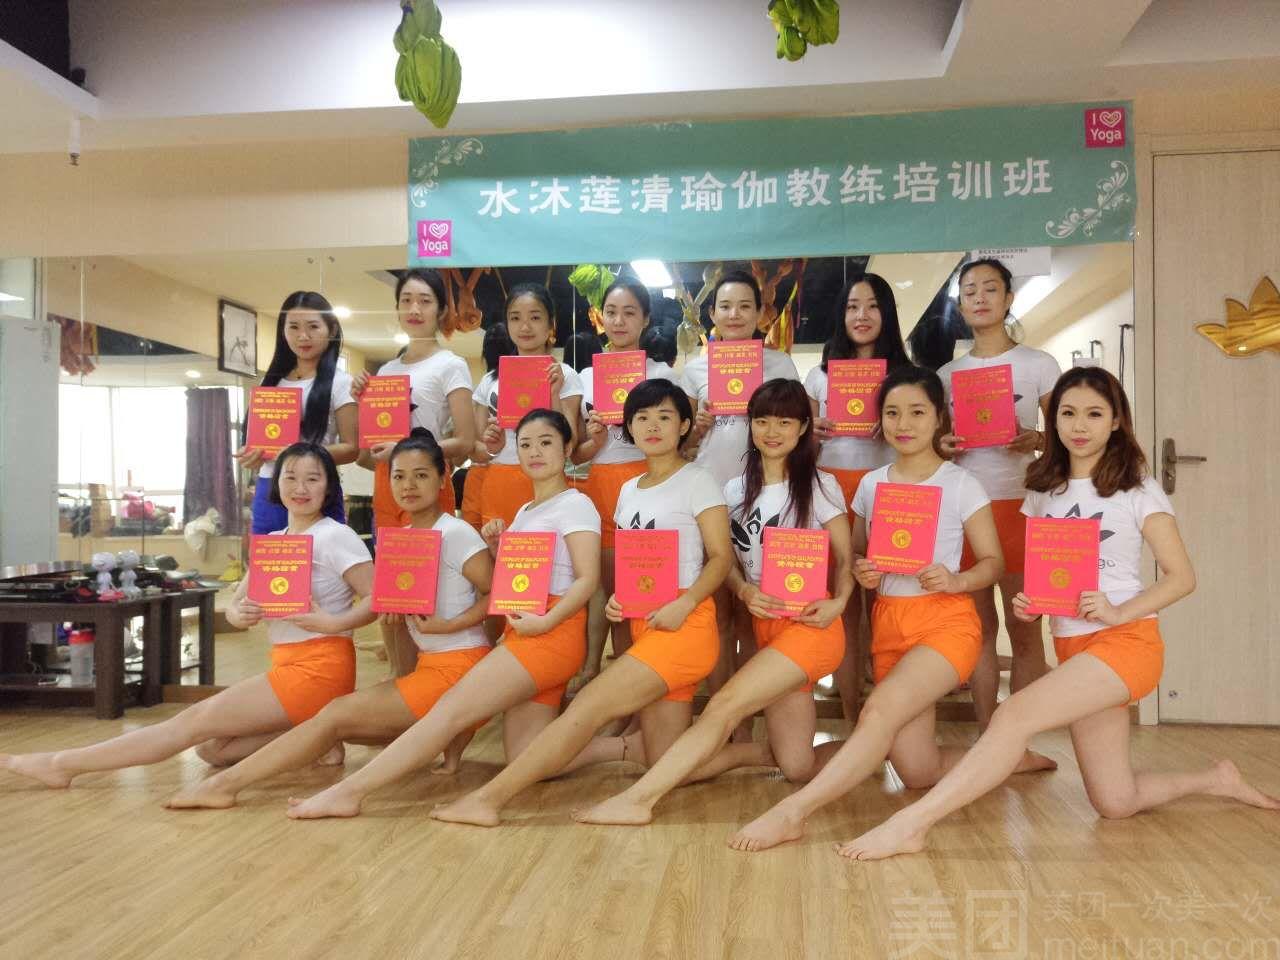 水沐莲清瑜伽会馆(新街口东宇馆)-美团